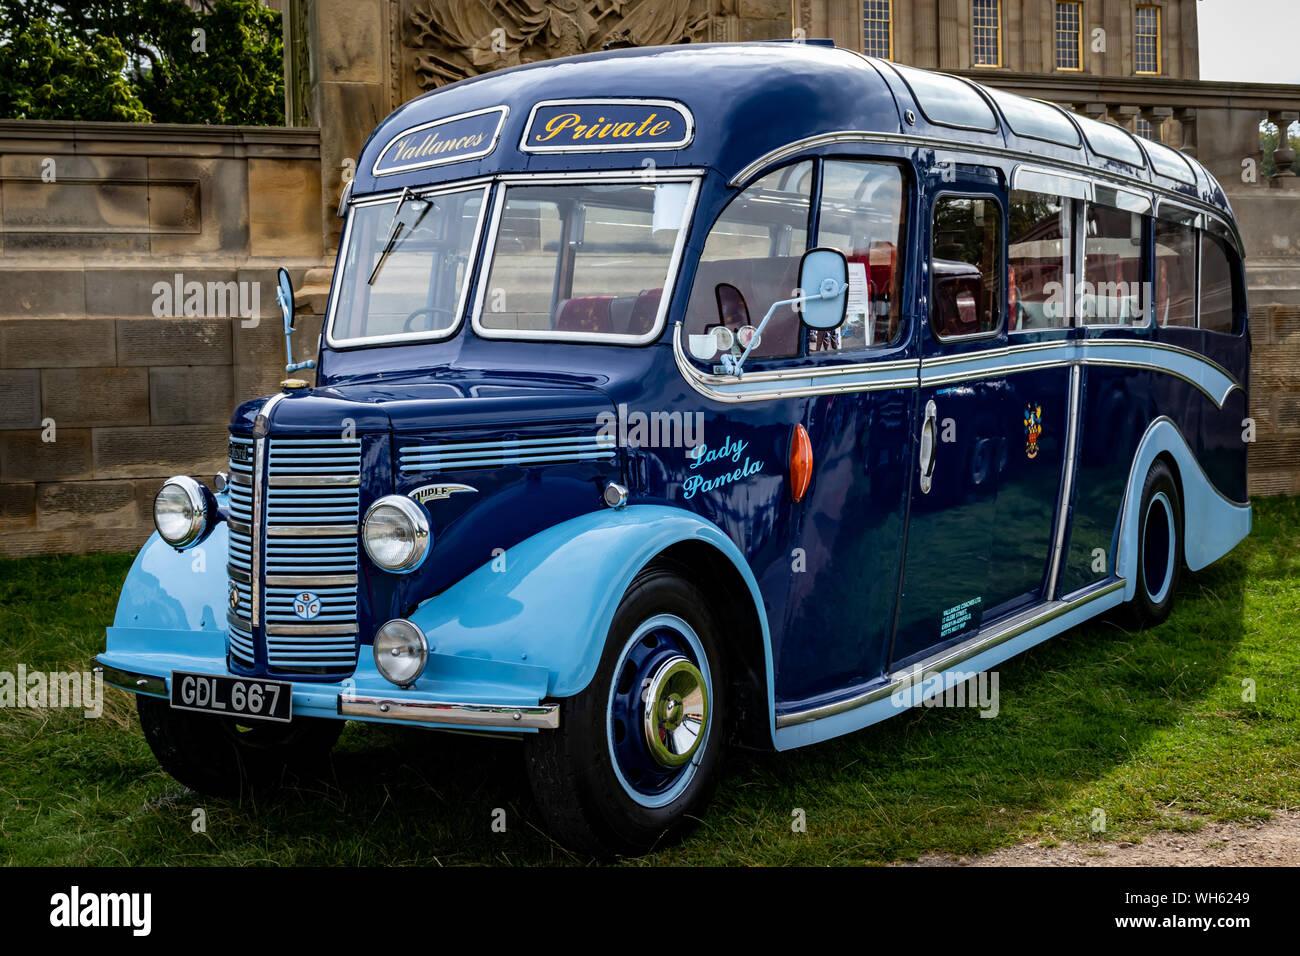 Los coches antiguos, furgonetas, camiones y buses en Chatsworth House Country Fair 2019,Peak District de Derbyshire, Inglaterra. Foto de stock